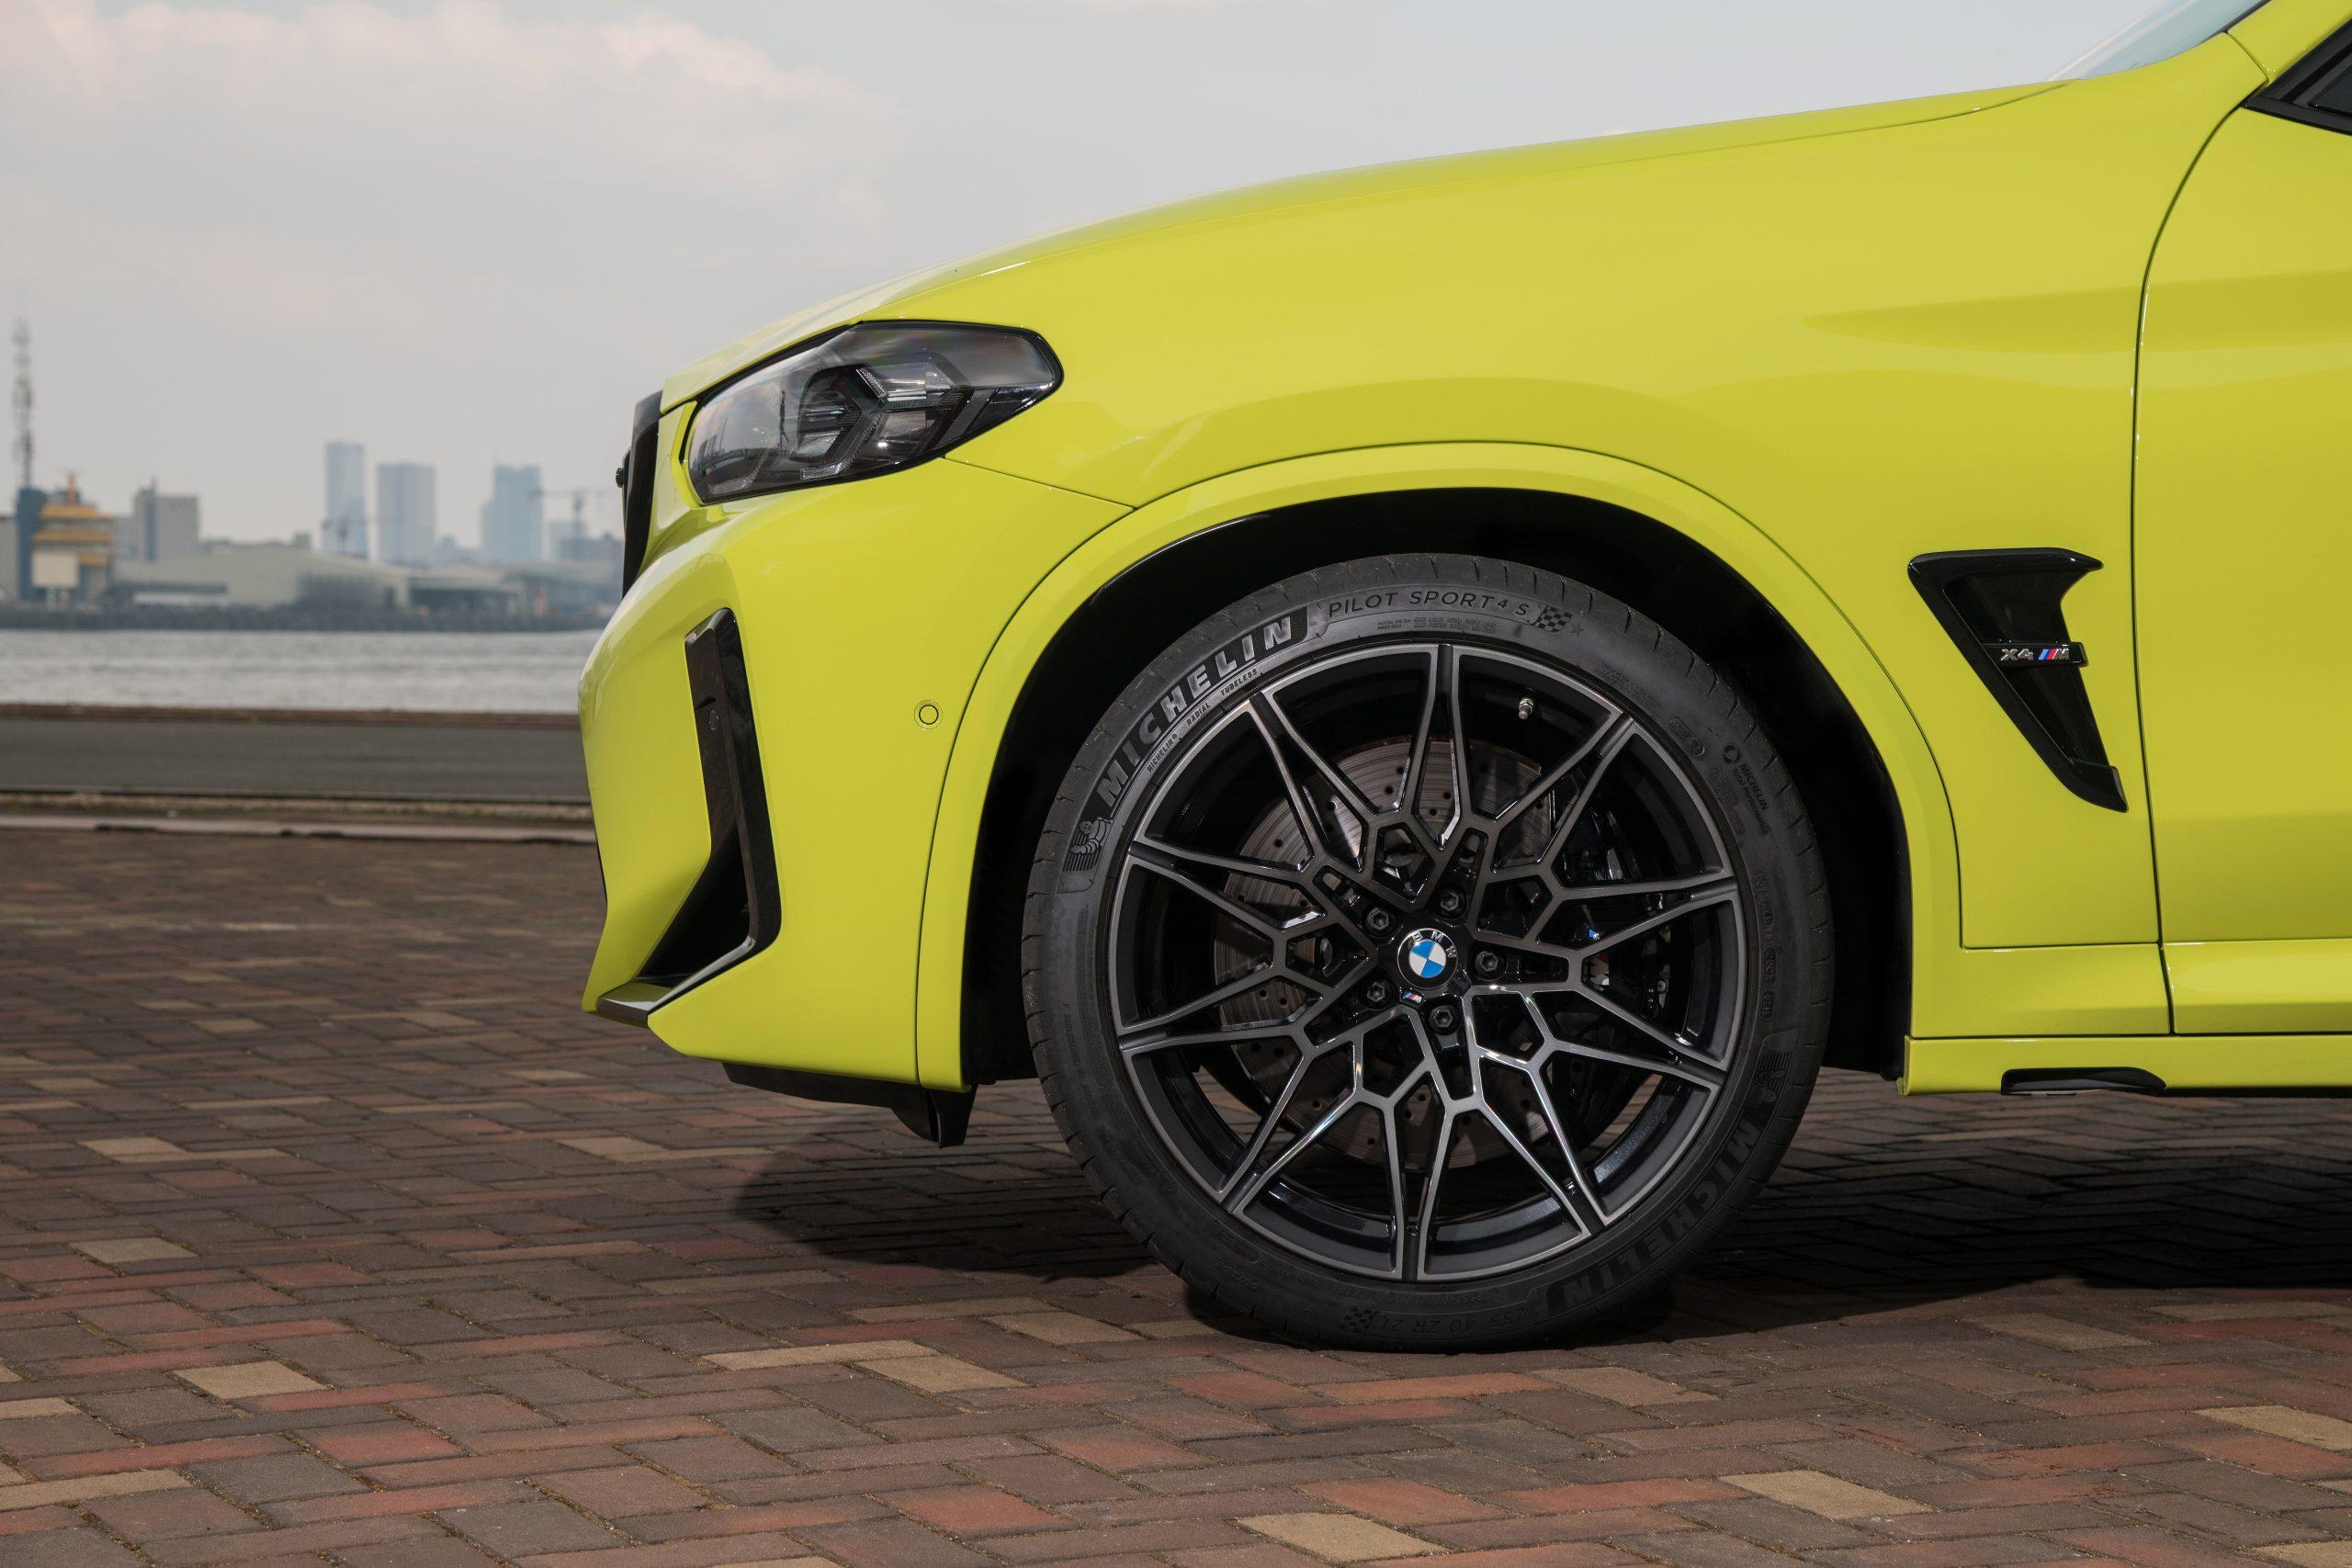 P90423961 highRes scaled Ιδού οι νέες BMW X3 M Competition και BMW X4 M Competition BMW, BMW M, BMW X3, BMW X4, SUV, X3 M, X4 M, ειδήσεις, Νέα